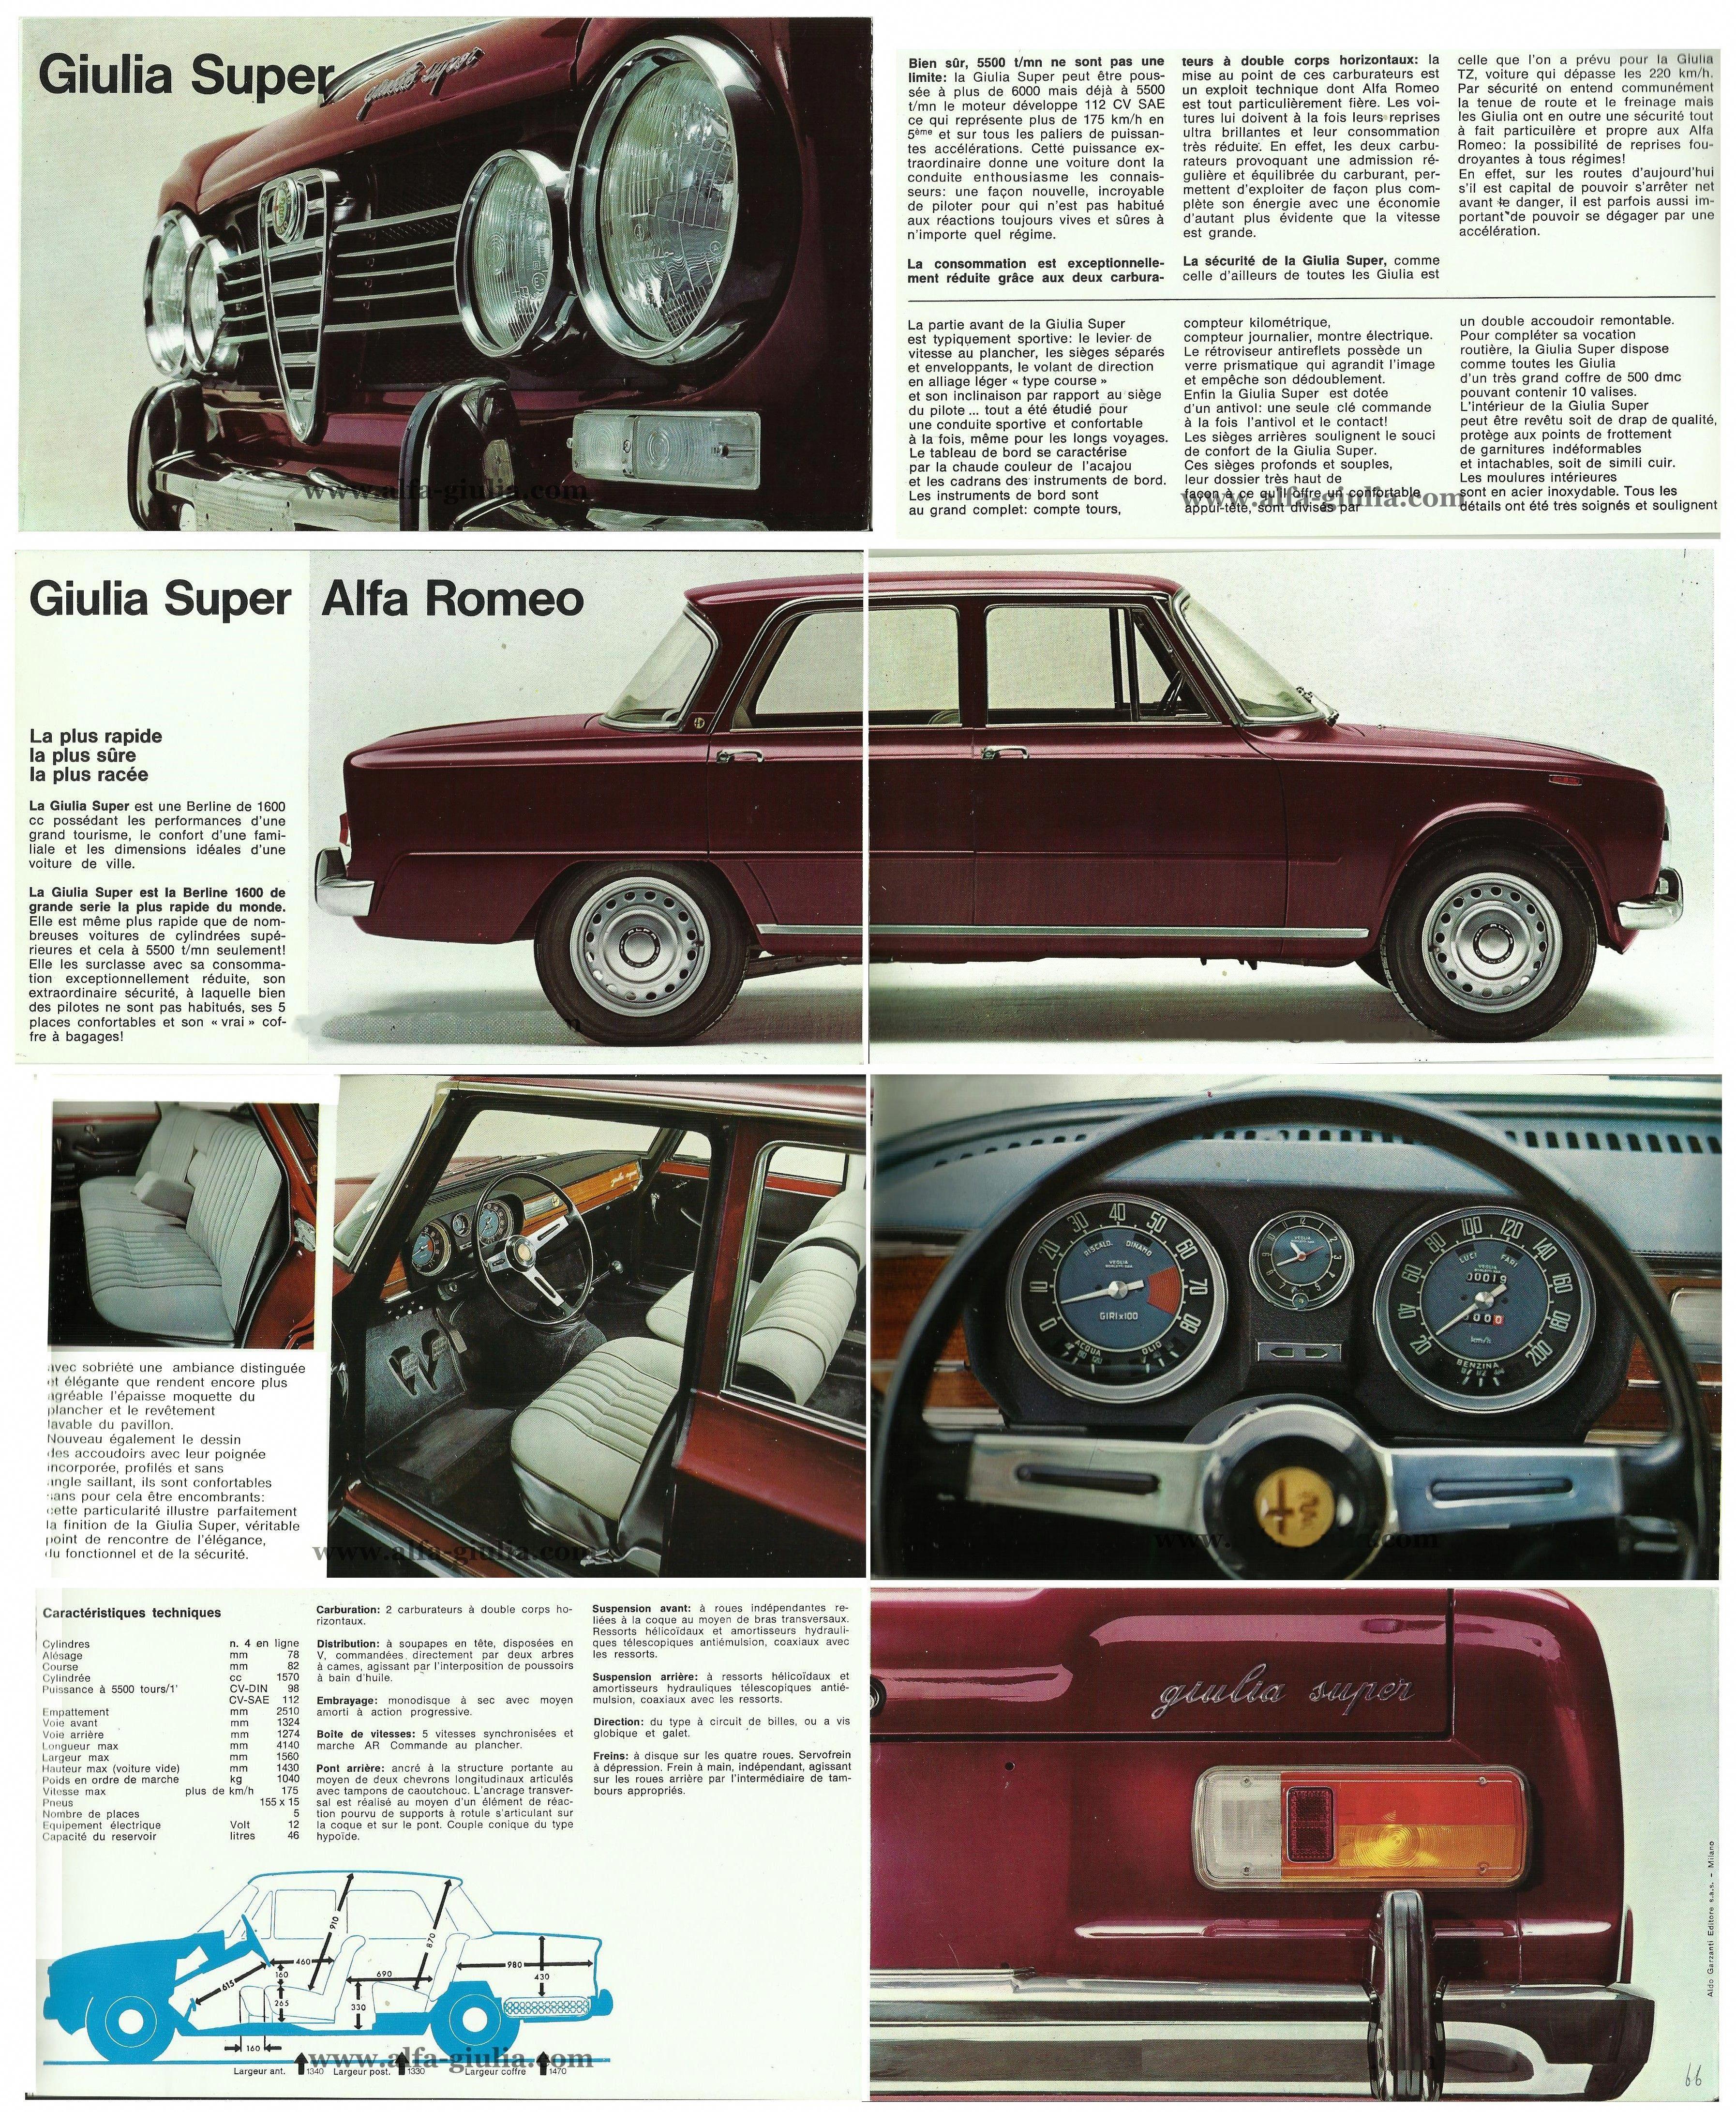 BROCHURE GIULIA SUPER 1969 #Lamborghini